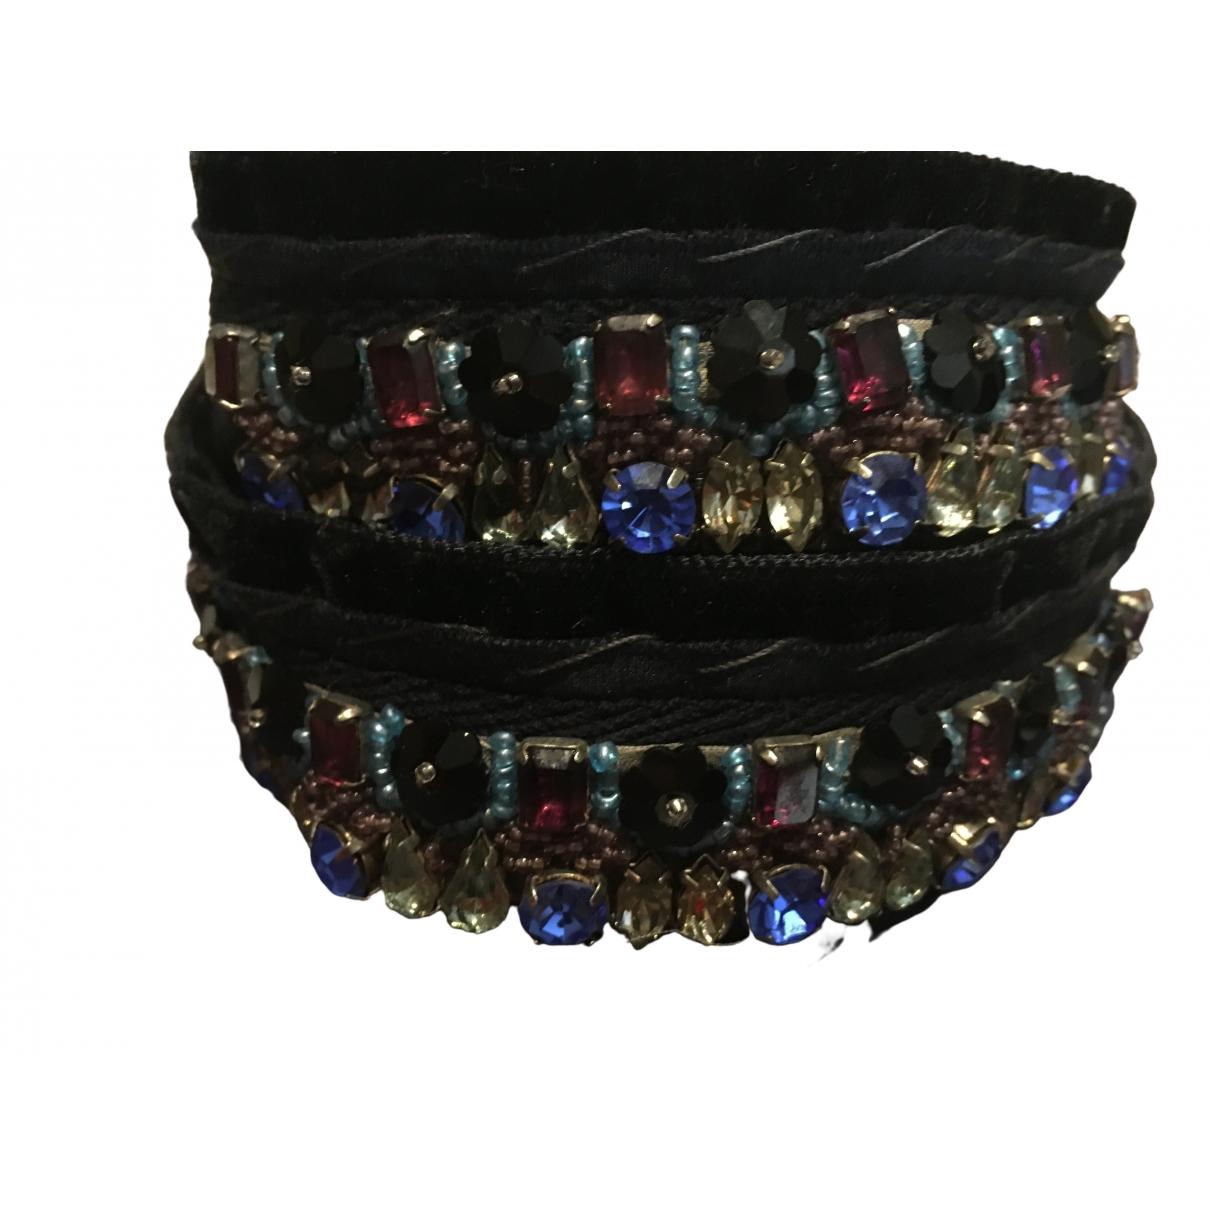 Prada \N Cloth belt for Women M International